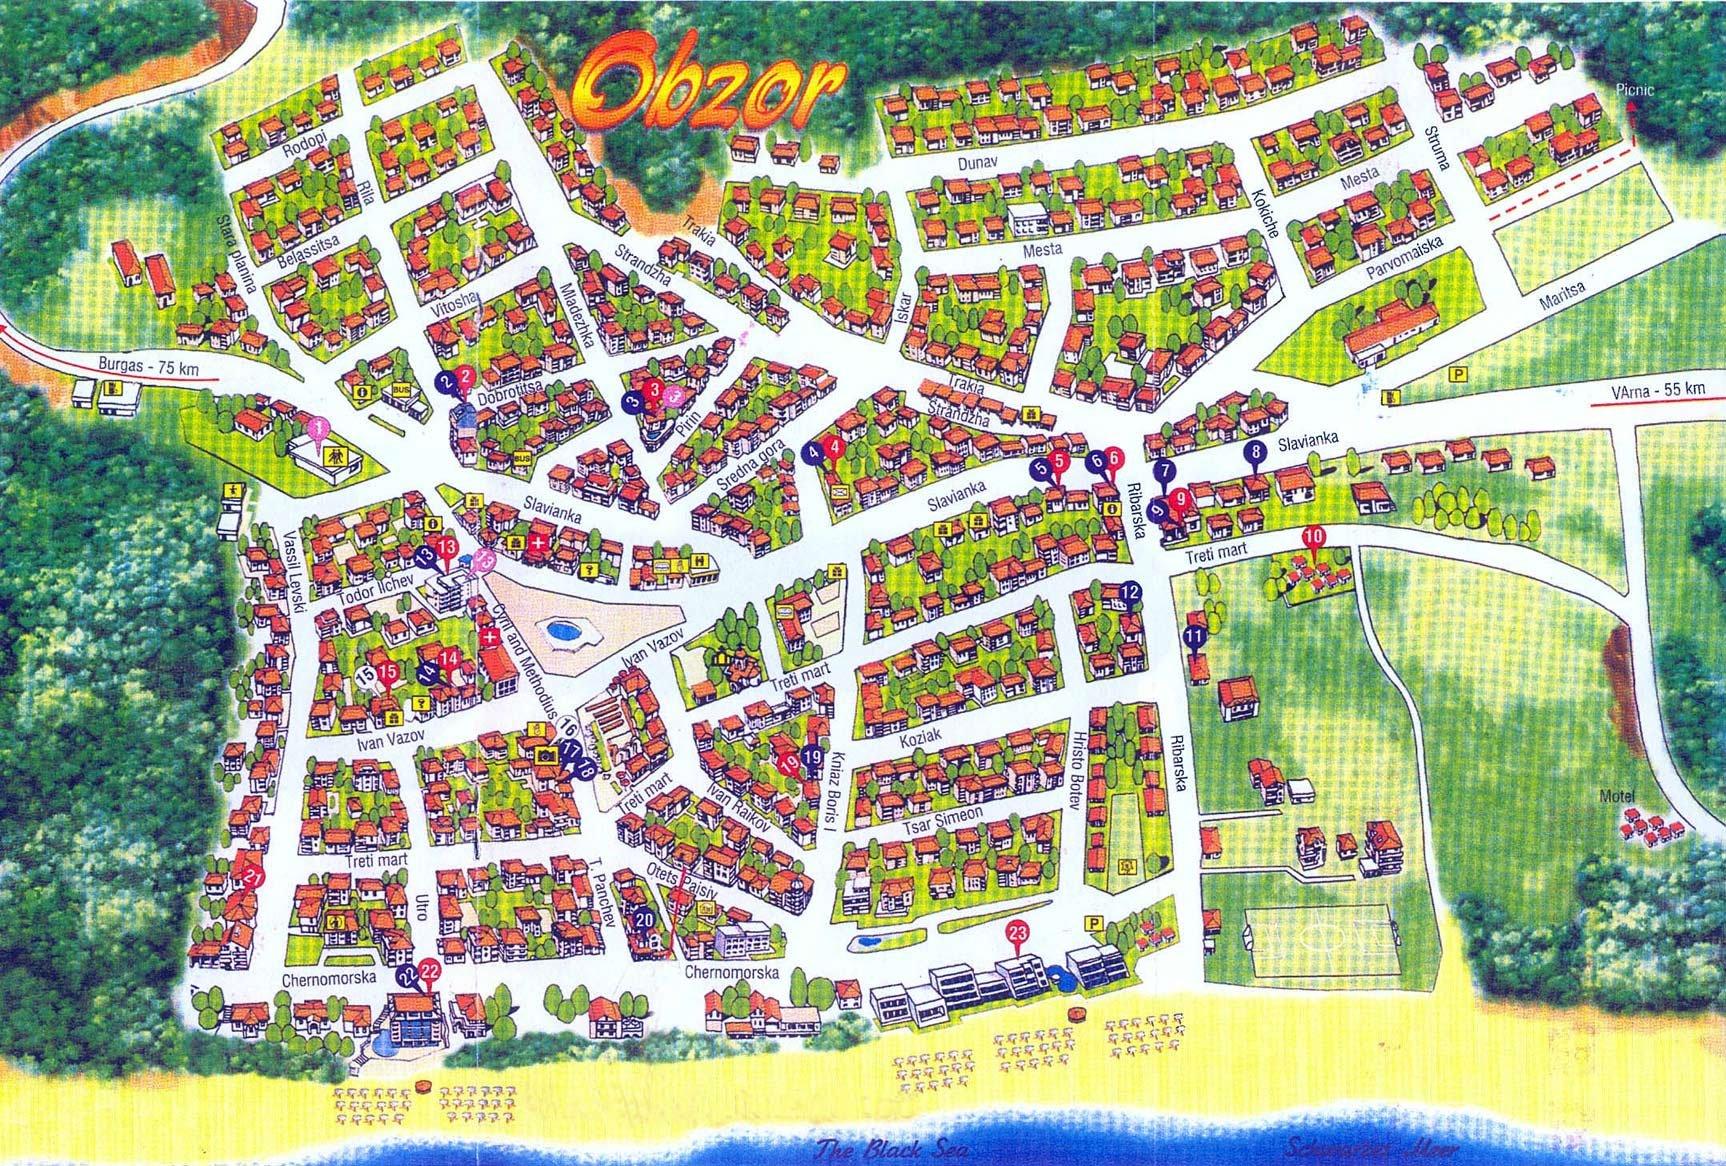 Karty Obzora Bolgariya Podrobnaya Karta Obzora Na Russkom Yazyke S